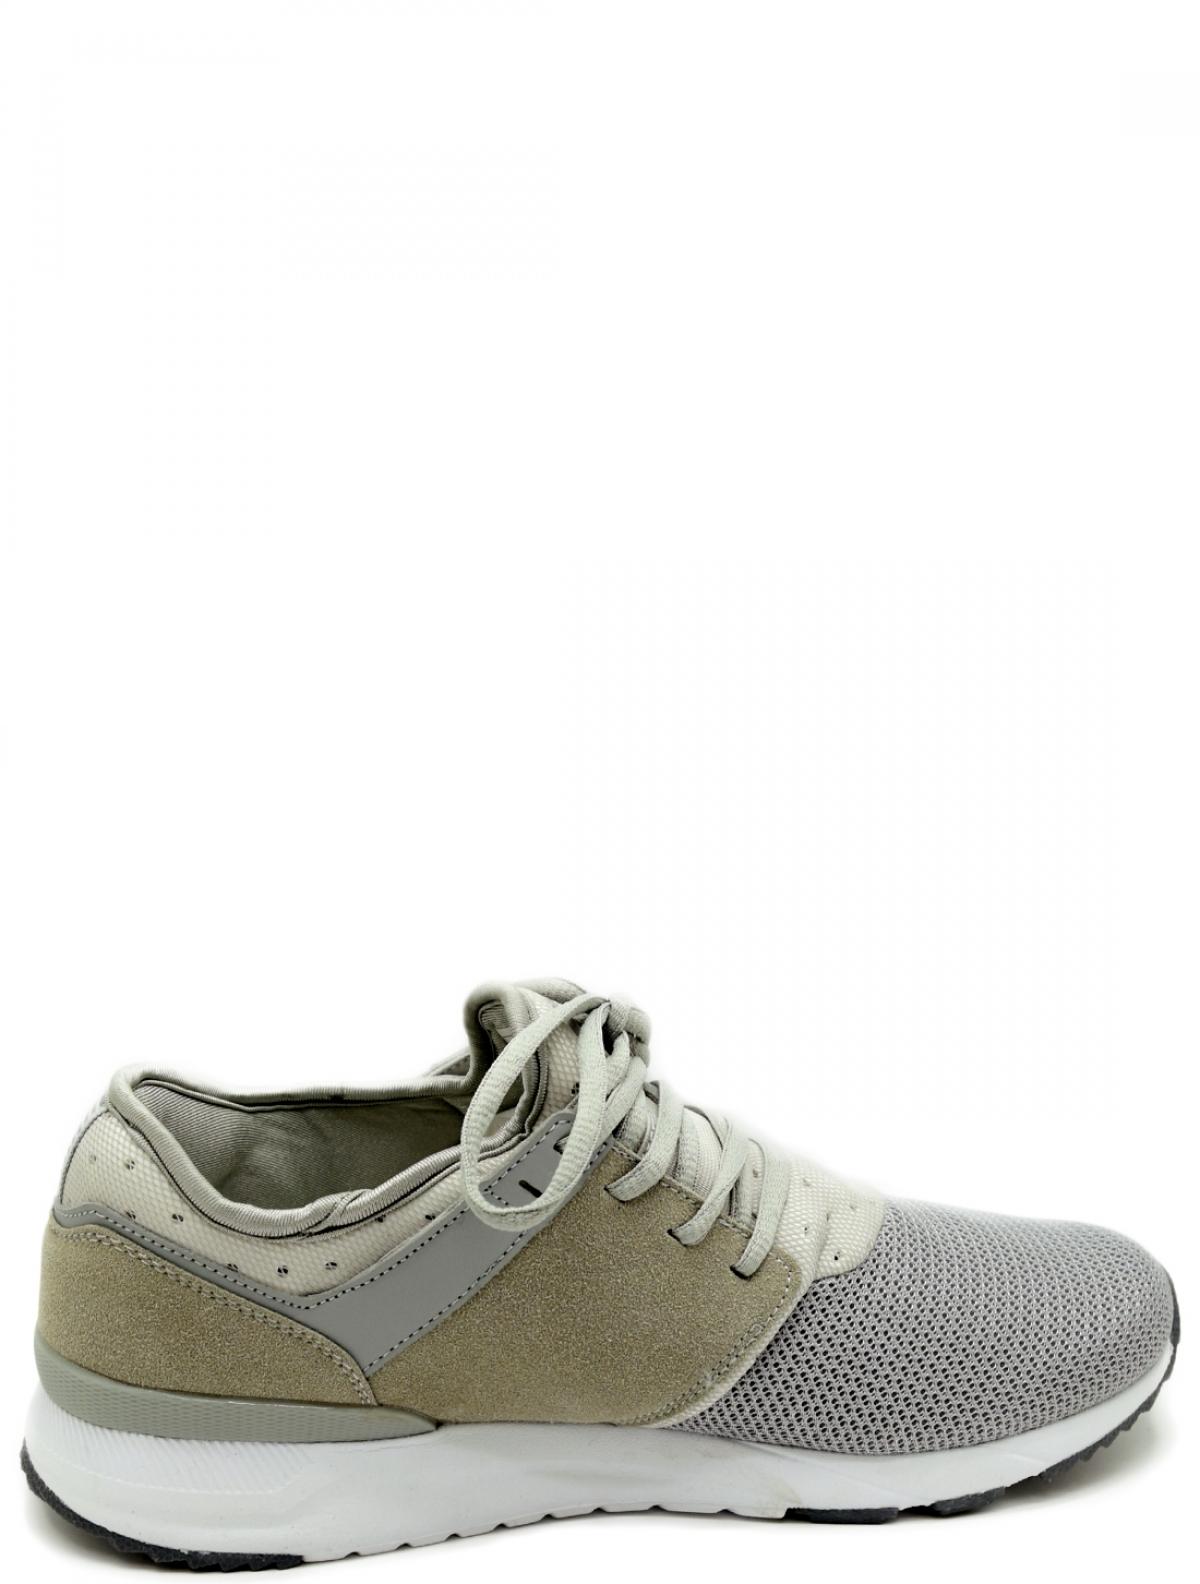 ESCAN ES790255-6 мужские кроссовки